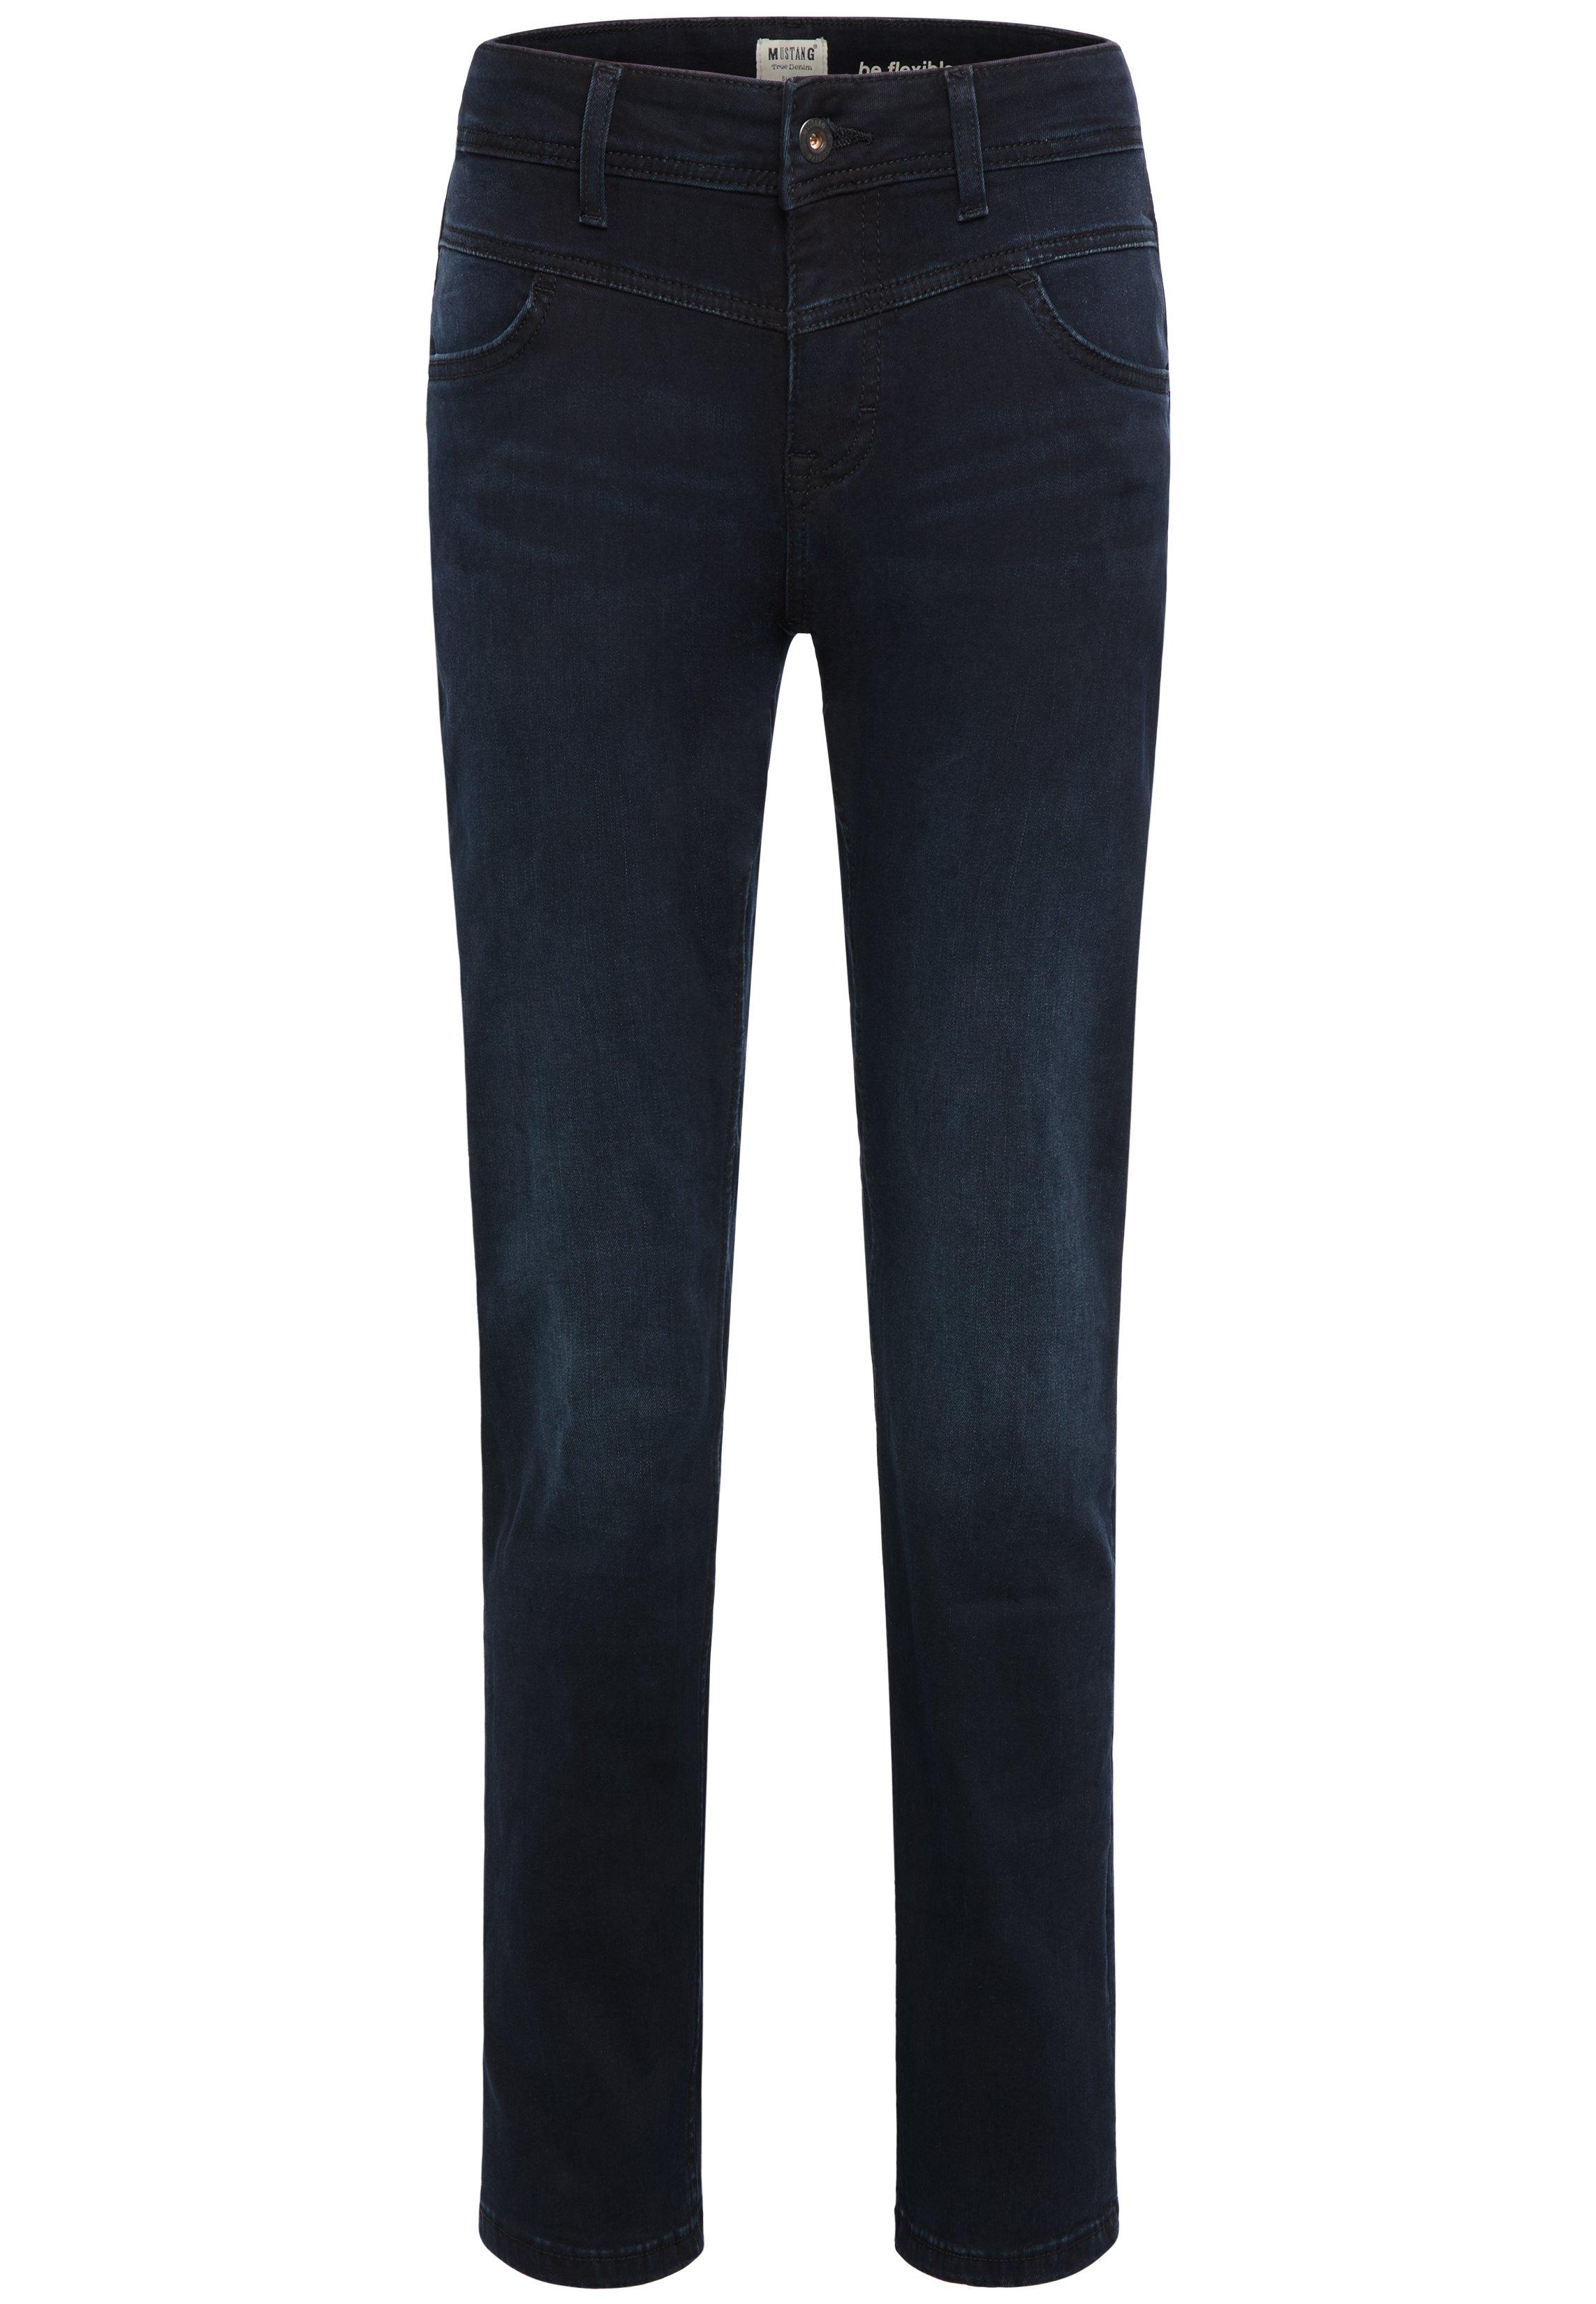 MUSTANG prettige jeans Sissy Straight nu online bestellen